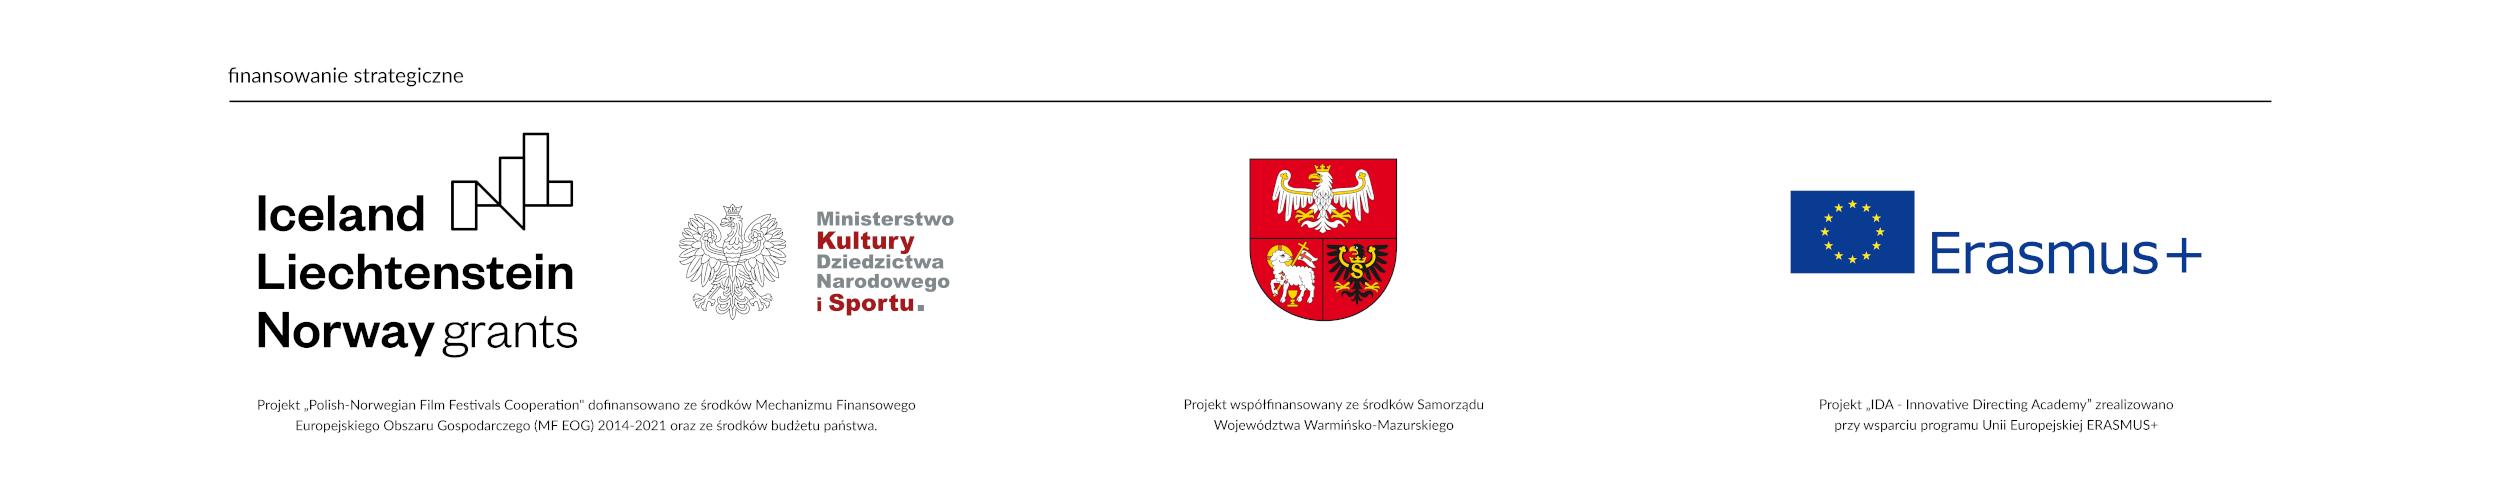 slider_logo_2021